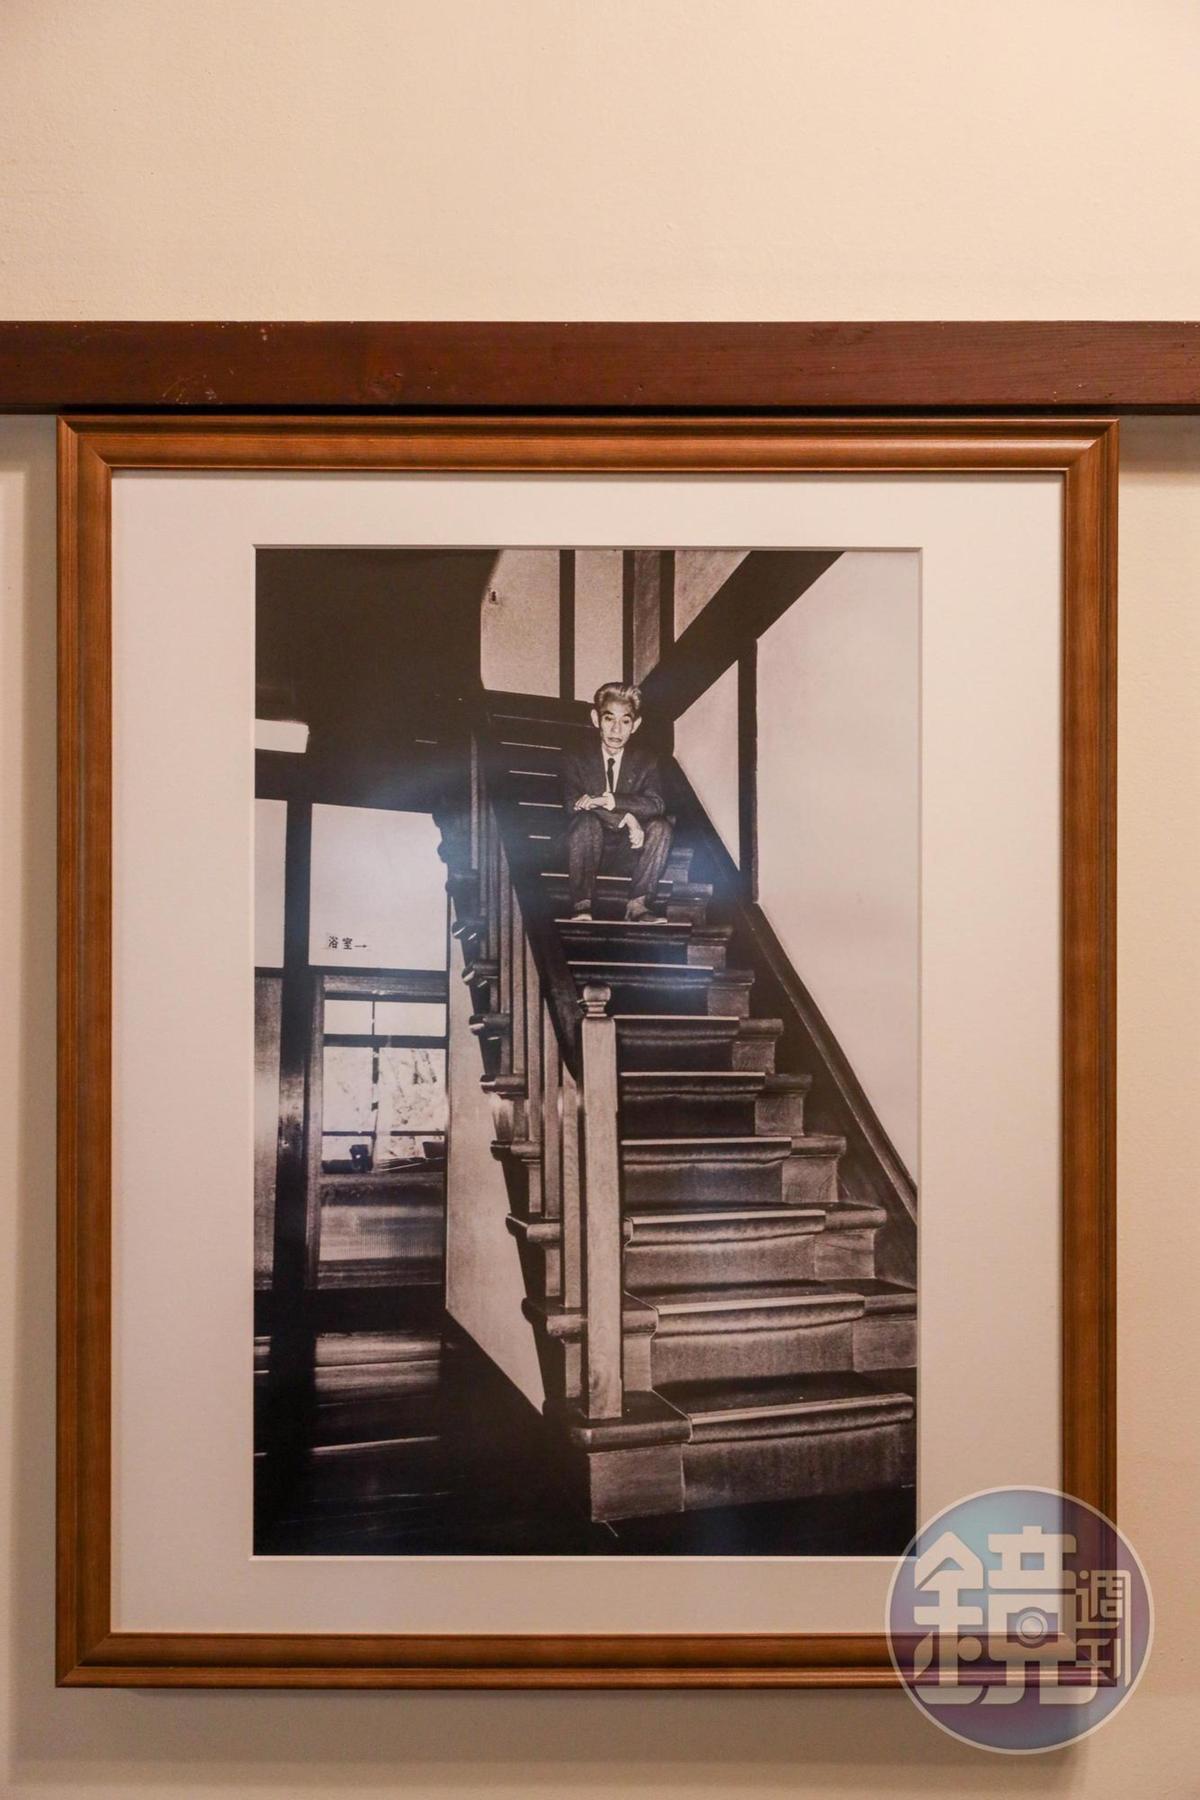 川端康成坐在湯本館樓梯上的老照片。